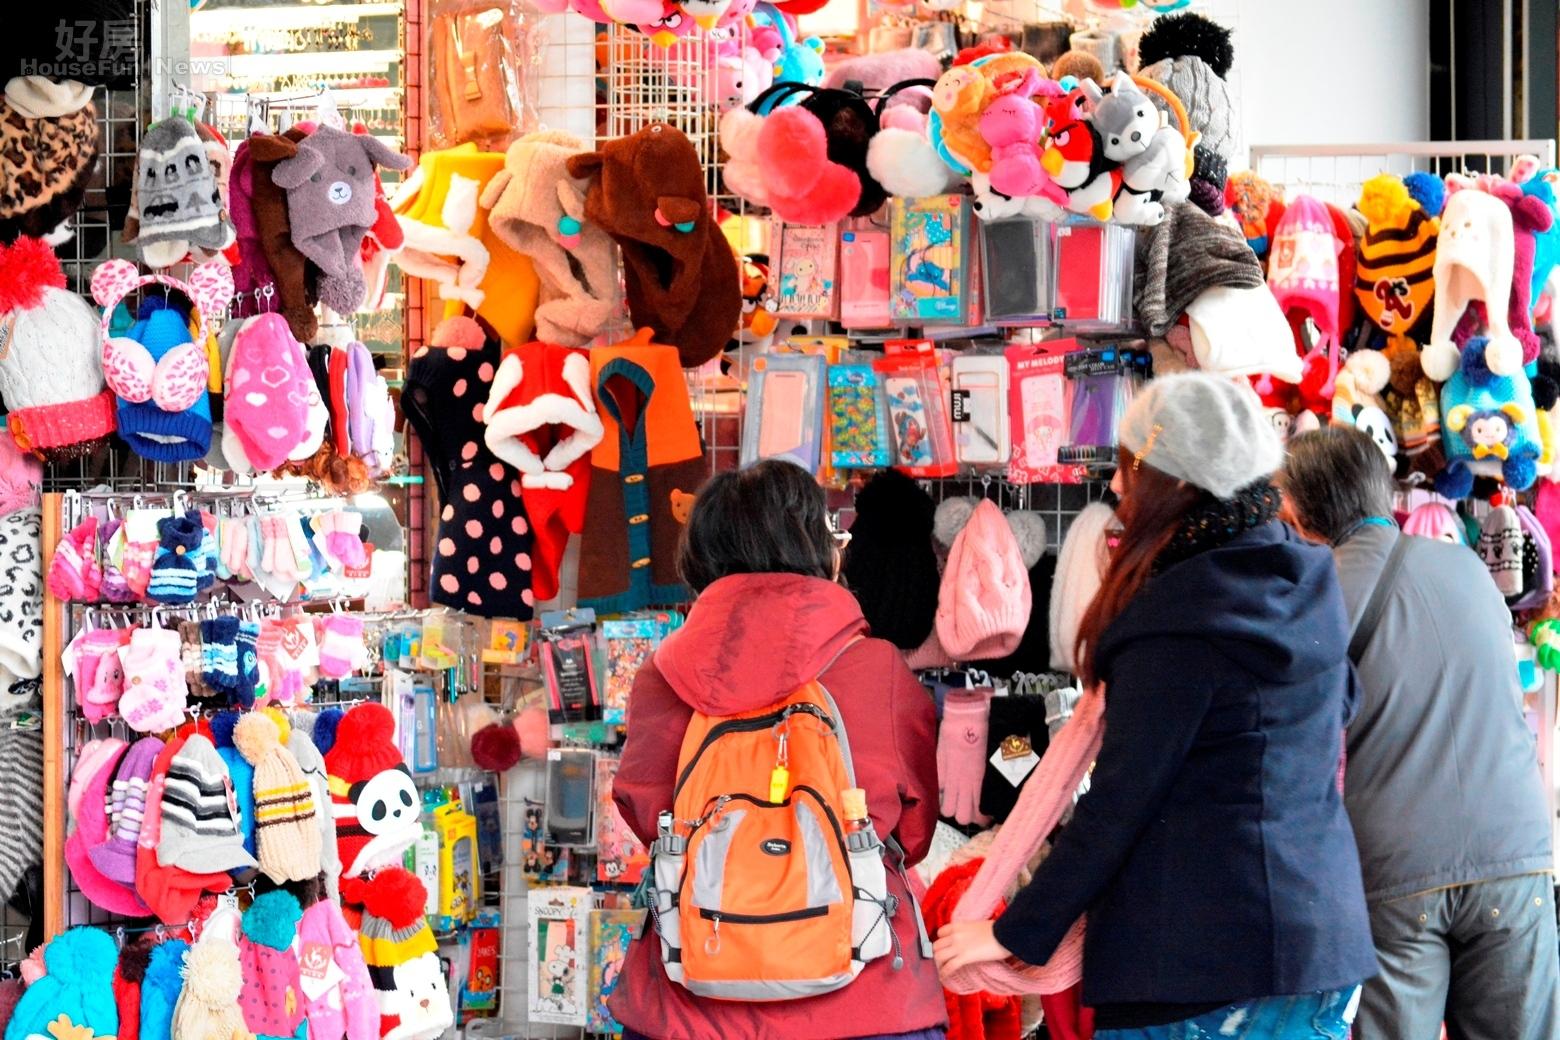 冬天情境,天氣轉涼民眾開始挑選保暖衣物與配件,手套、圍巾、毛帽、耳罩。(好房News記者 陳韋帆/攝影)